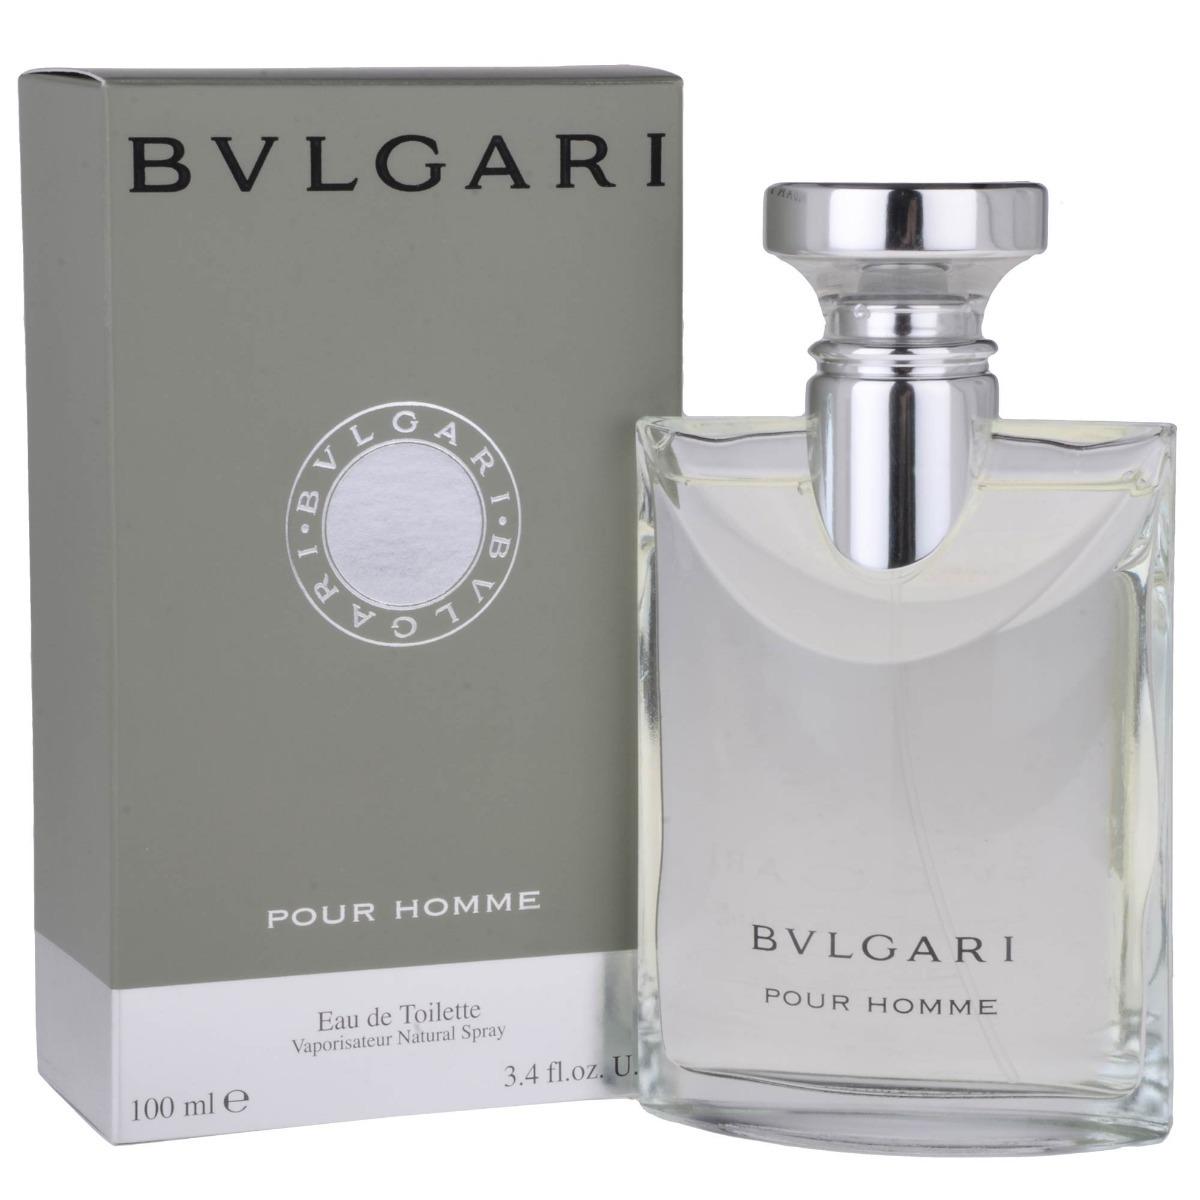 8582bd2eb89 loción perfume bvlgari pour homme 100ml original garantizada. Cargando zoom.